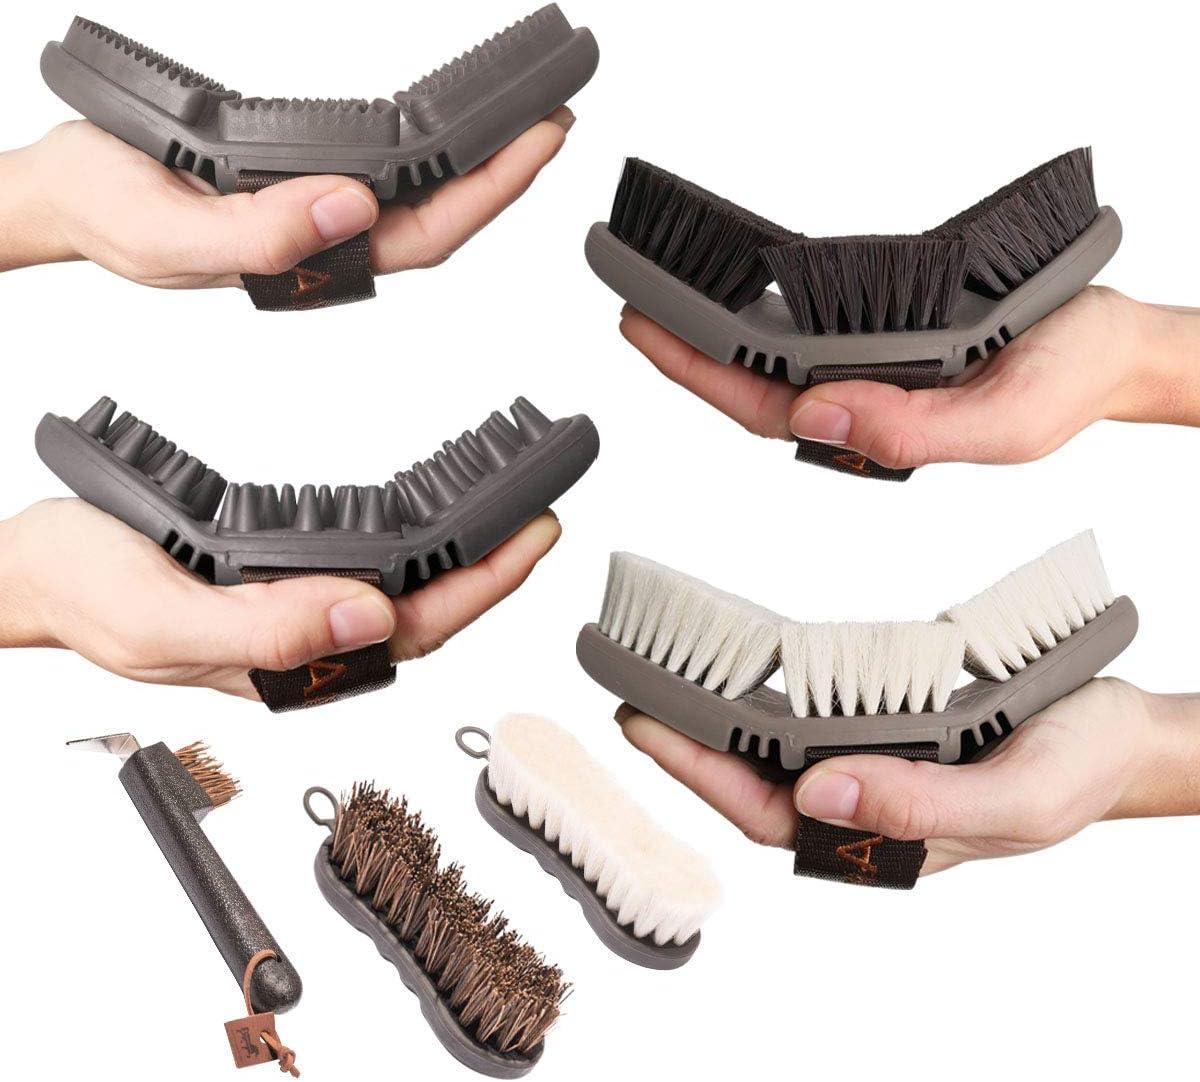 Animalon Premium Set de Todos los Productos de la Serie de Cuidado CareFlex CareFlex, Cepillo de Pelo, Cepillo de Brillo y Barra de Masaje, Cepillo Facial, Cepillo de pezuñas y raspador de Carreras